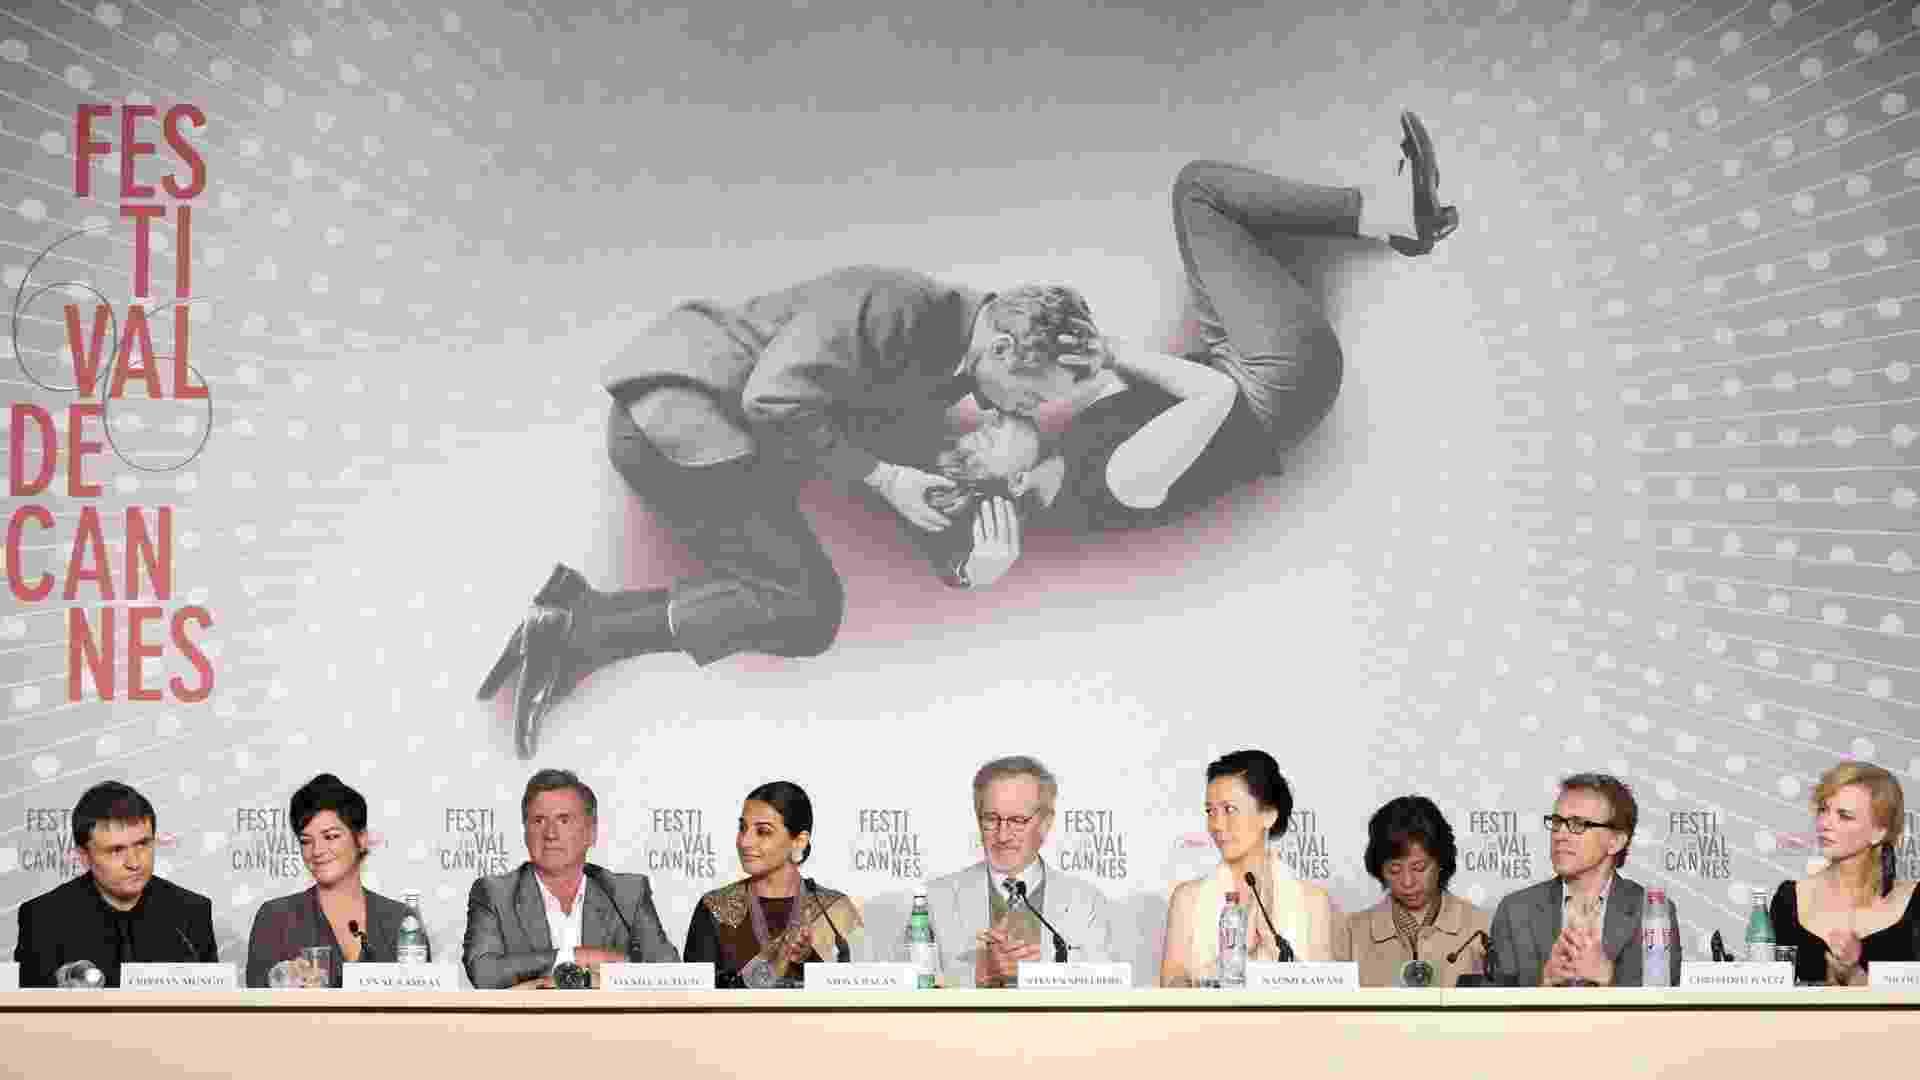 15.mai.2013 - Os membros do júri do Festival de Cannes, durante coletiva de imprensa; da esquerda para a direita, o diretor romeno Cristian Mungiu, a diretora britânica Lynne Ramsay, o ator francês Daniel Auteuil, a atriz indiana Vidya Balan, o diretor americano Steven Spielberg (presidente do júri), a diretora japanesa Naomi Kawase, o ator austríaco Christoph Waltz, e a atriz australiana Nicole Kidman - Sebastian Nogier/EFE